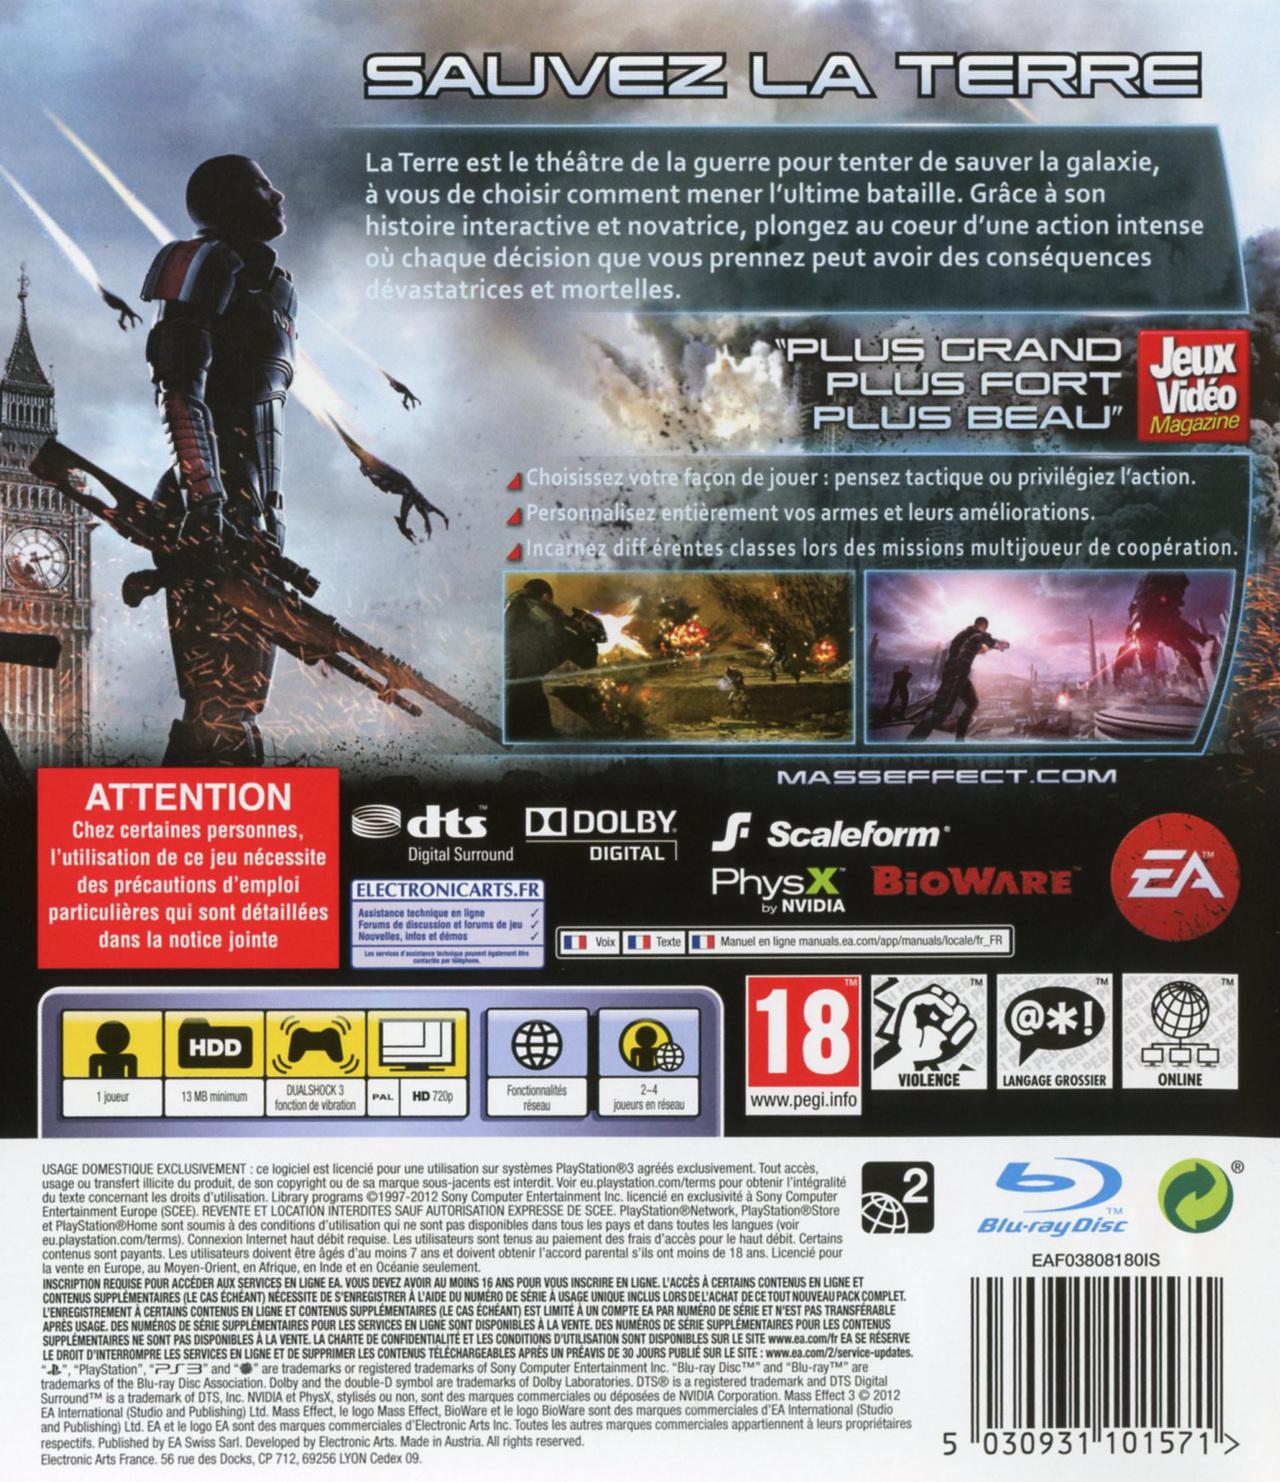 jeuxvideo.com Mass Effect 3 - PlayStation 3 Image 2 sur 230